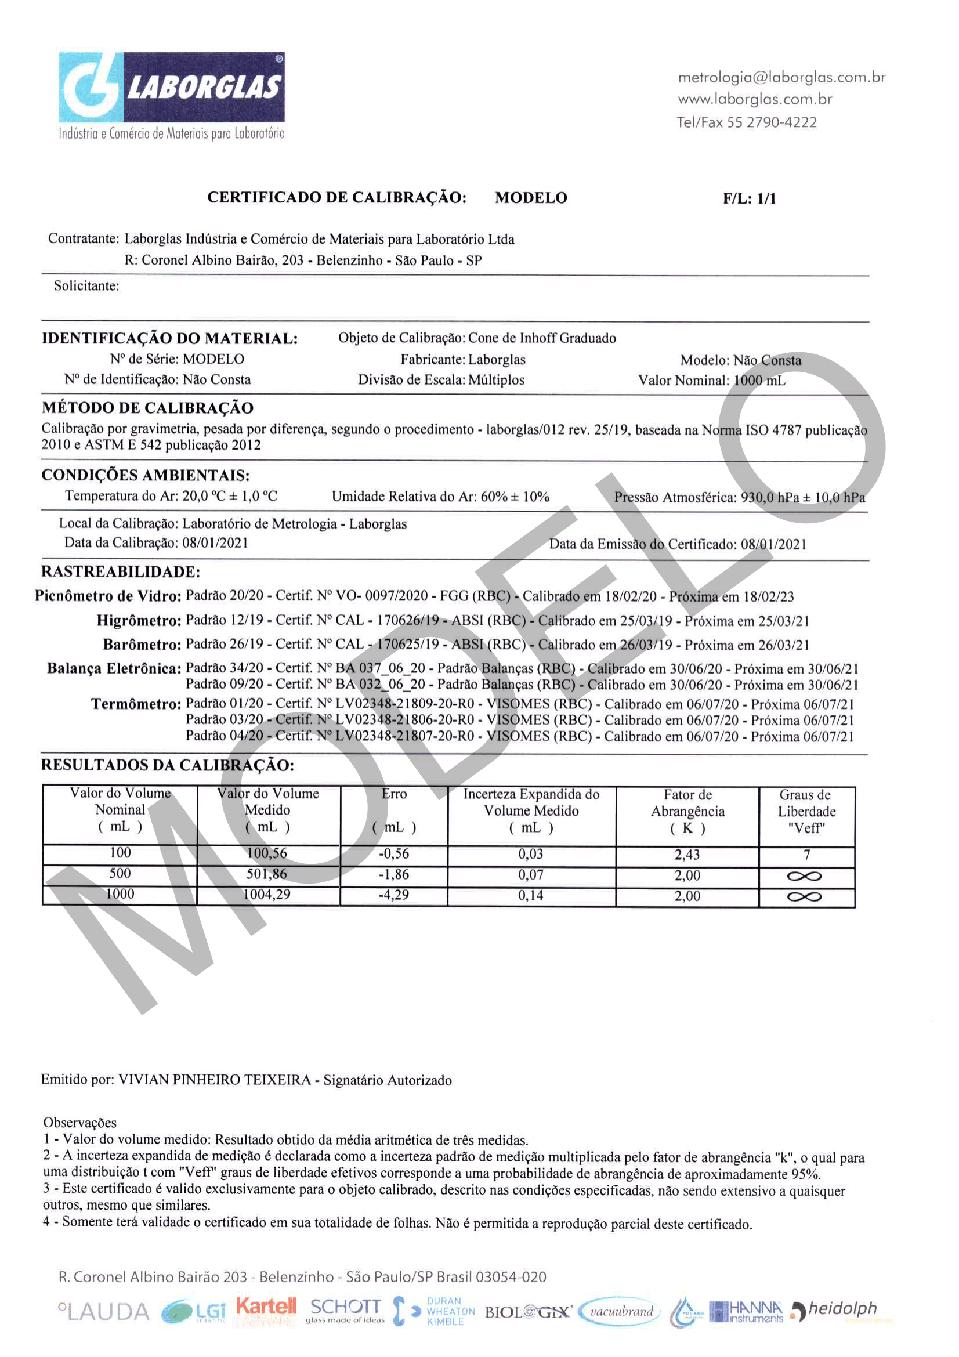 CONE DE INHOFF GRADUADO EM VIDRO COM CERTIFICADO RASTREÁVEL 1000 ML - Laborglas - Cód. 9140154-C